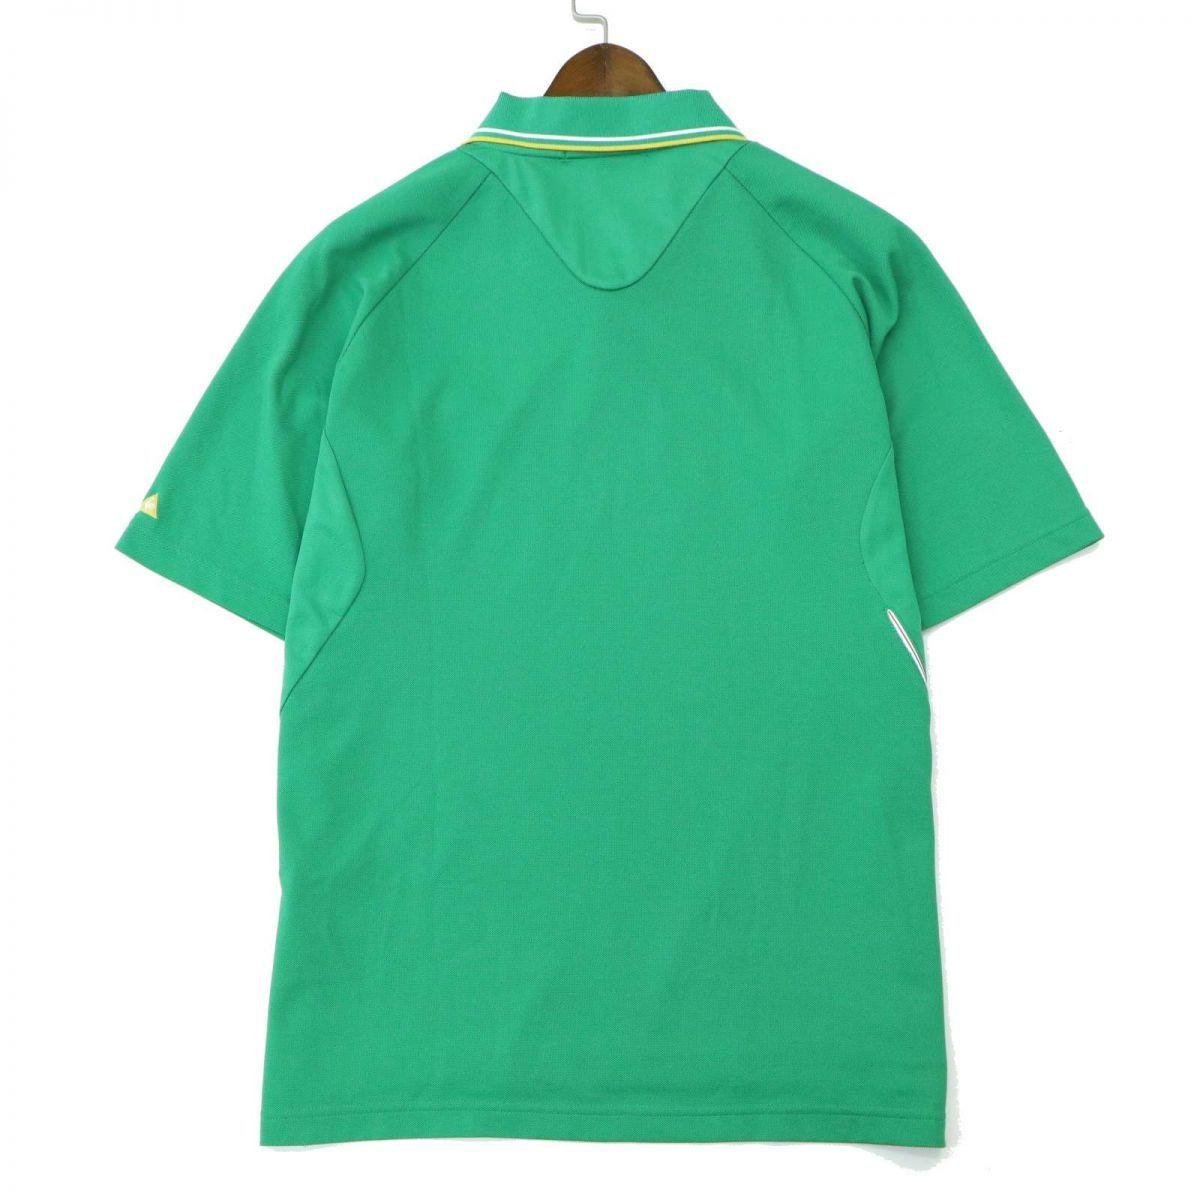 le coq sportif GOLF ルコック スポルティフ ゴルフ ロゴ刺繍★ 半袖 ポロシャツ Sz.M メンズ 緑 A1T08648_7#A_画像5